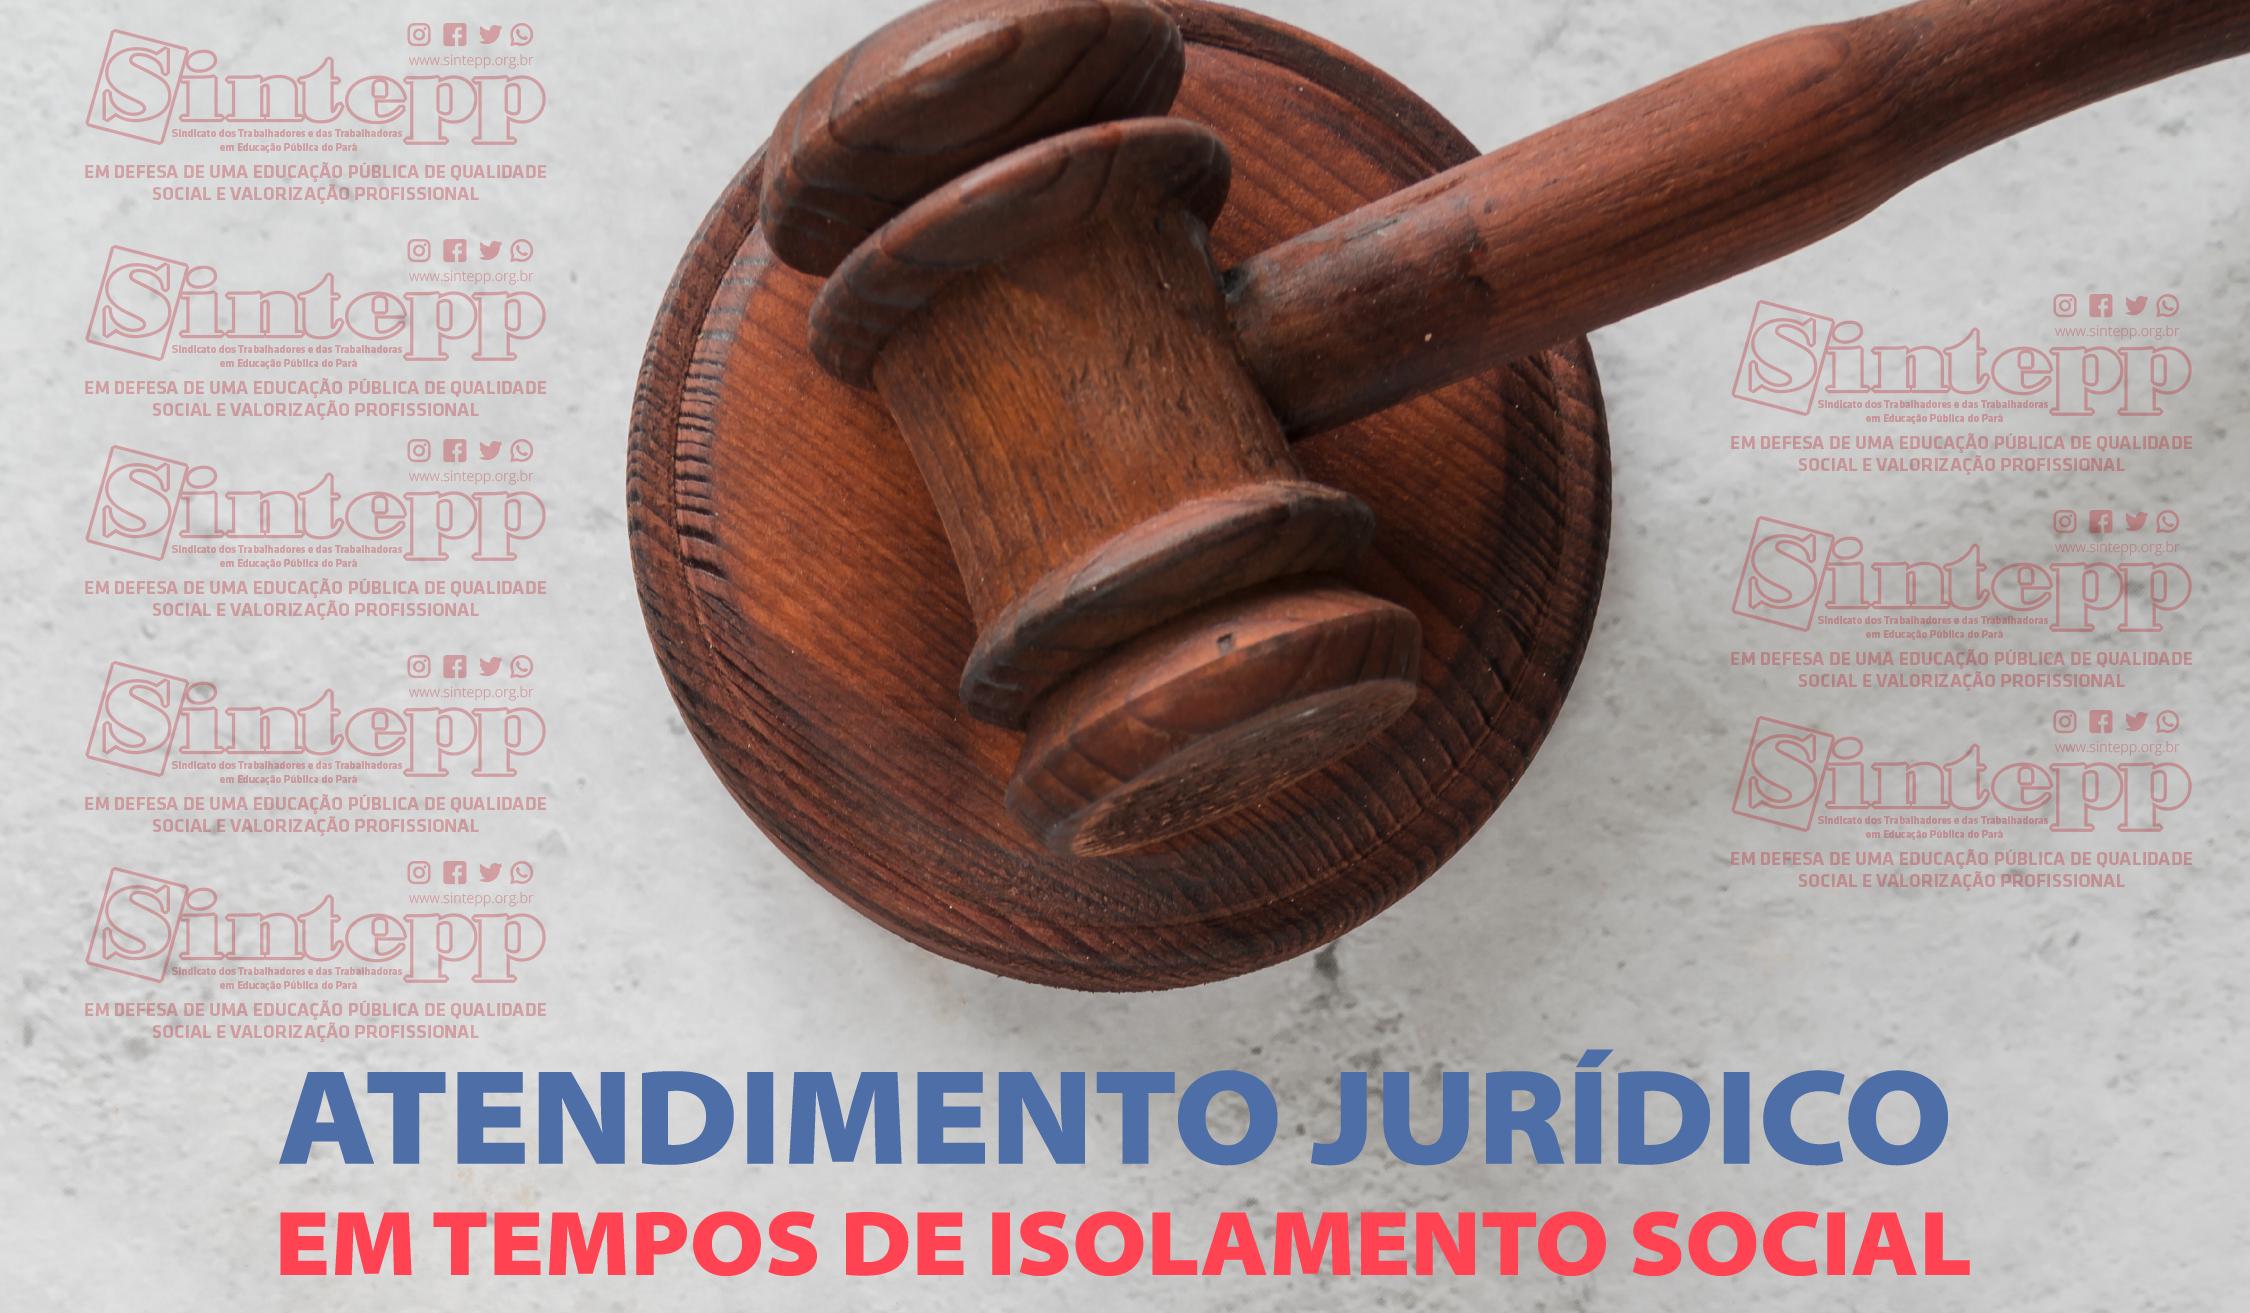 Atendimento Jurídico SINTEPP em tempos de isolamento social